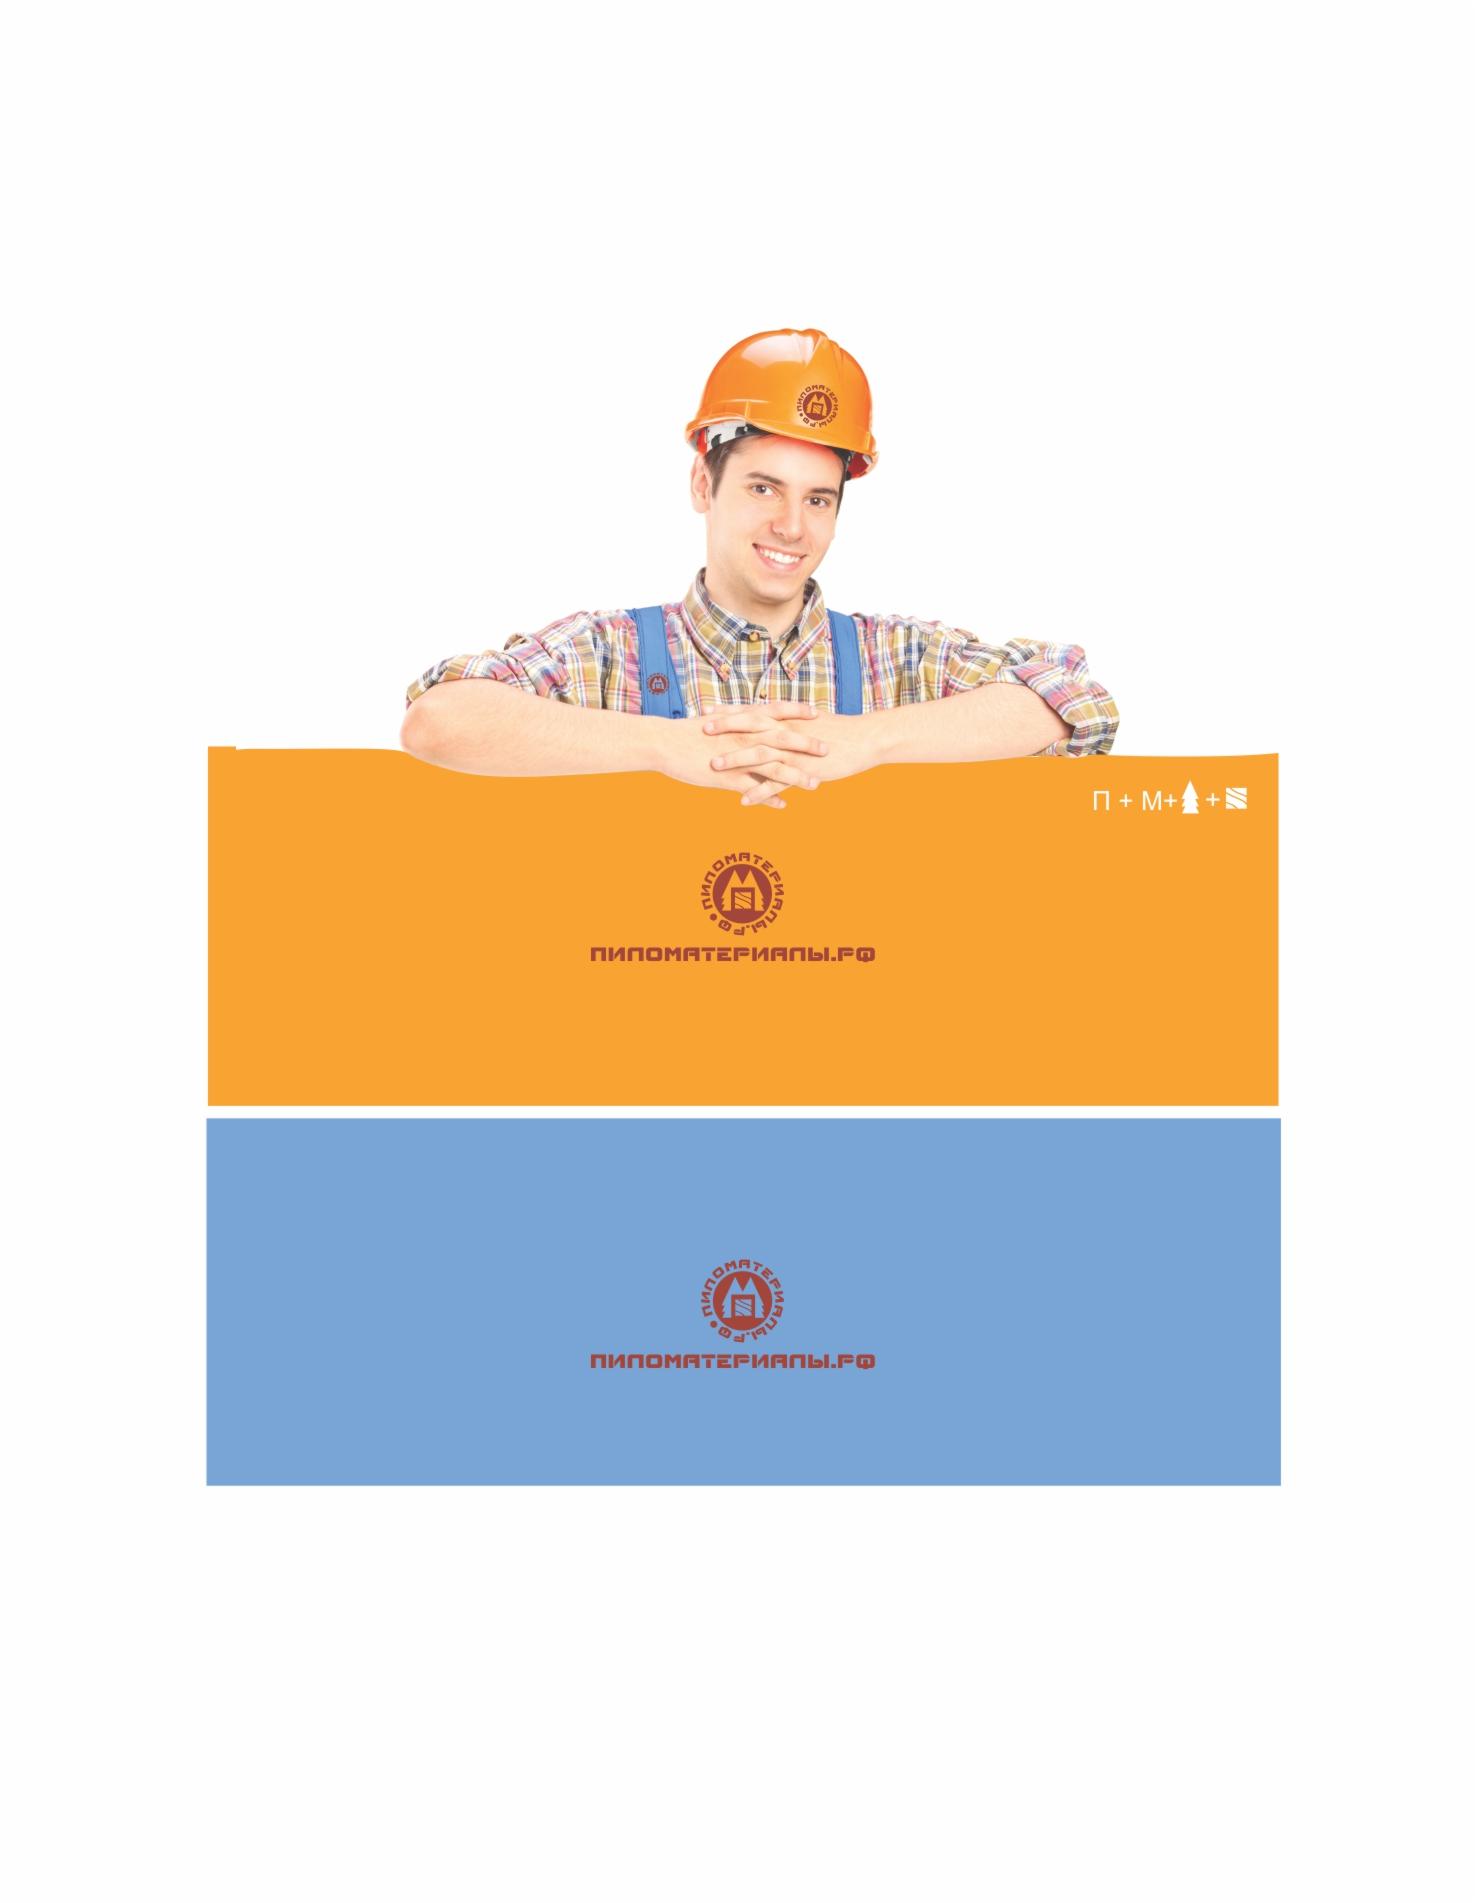 """Создание логотипа и фирменного стиля """"Пиломатериалы.РФ"""" фото f_356530fb16052033.jpg"""